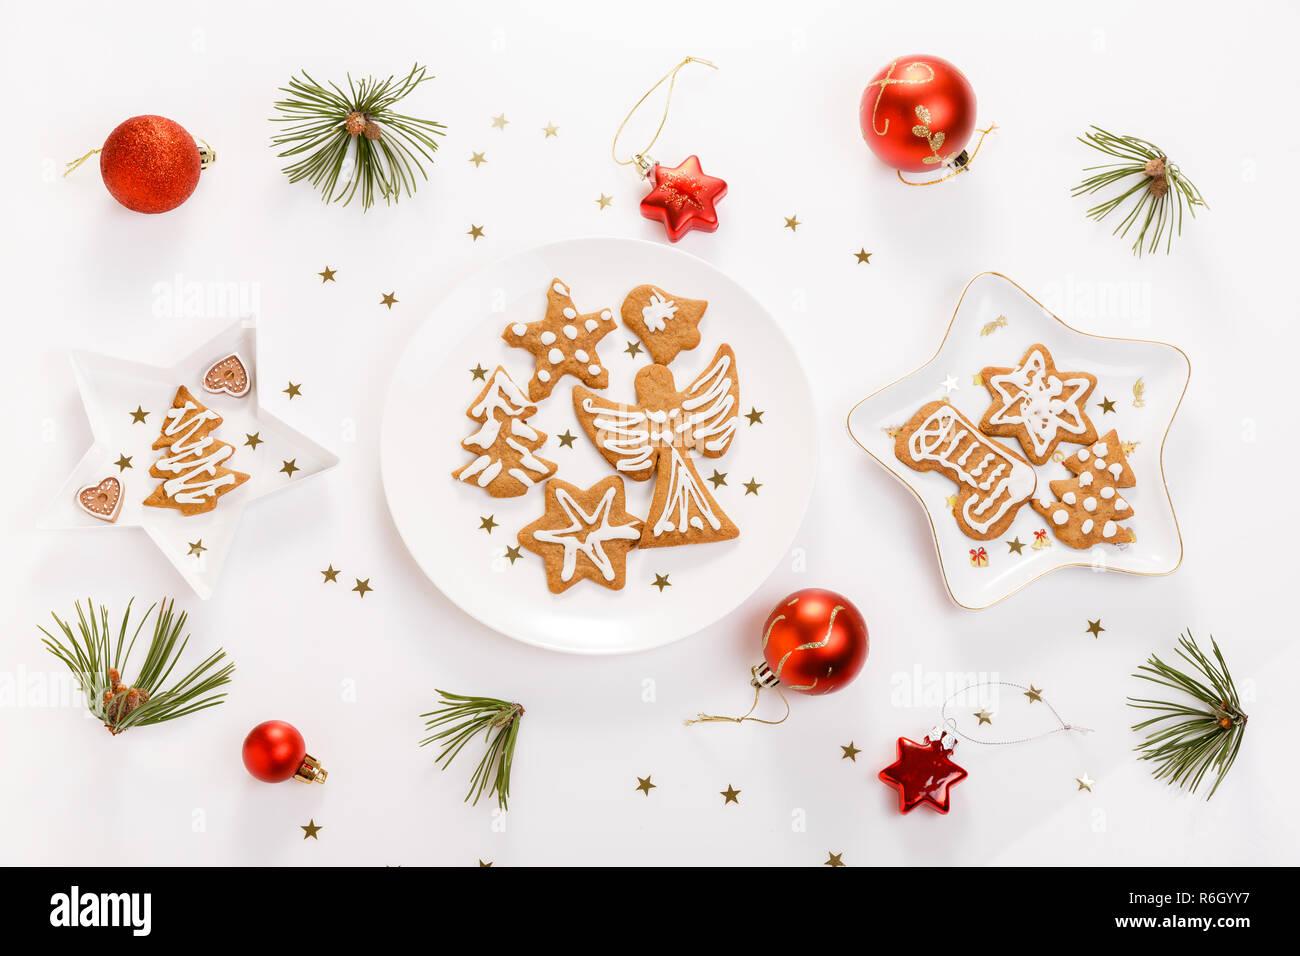 Christmas Banner.Christmas Homemade Gingerbread Cookies And Christmas Tree On